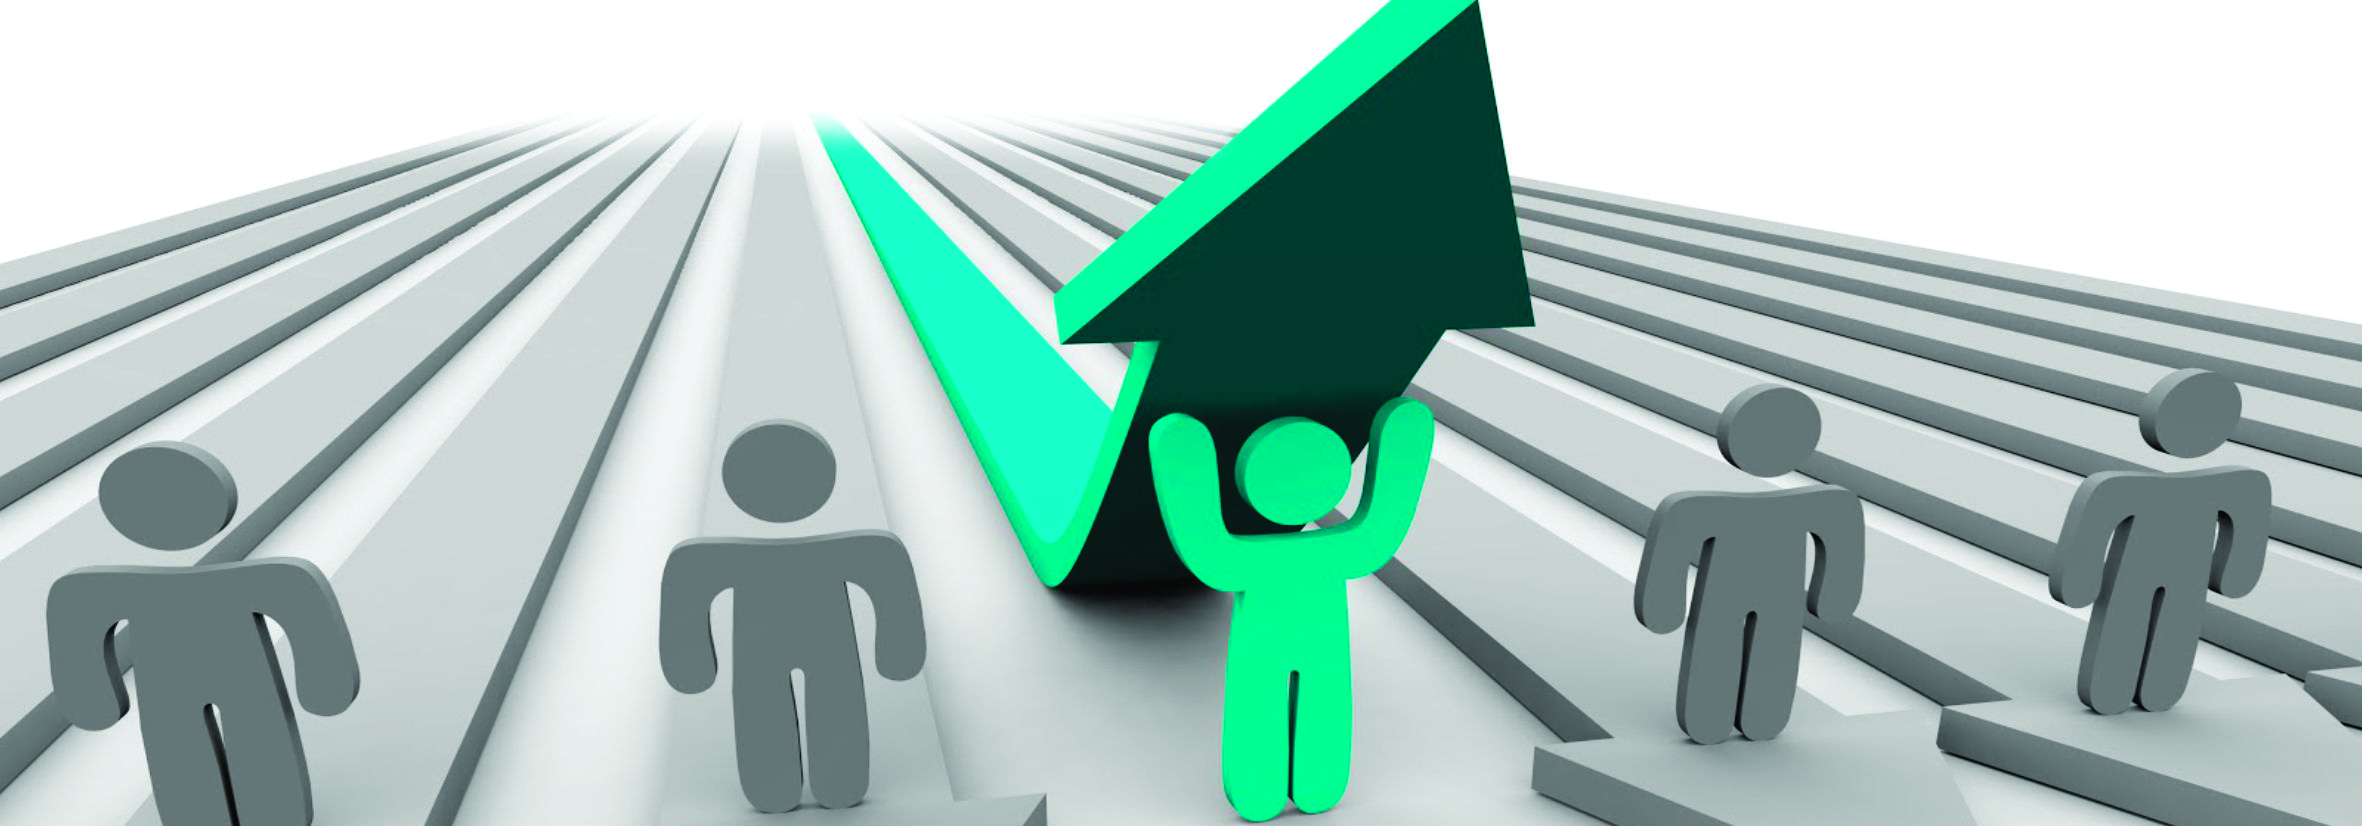 Potencialize suas habilidades interpessoais (Soft Skills) buscando estudos adicionais e ou treinamentos específicos